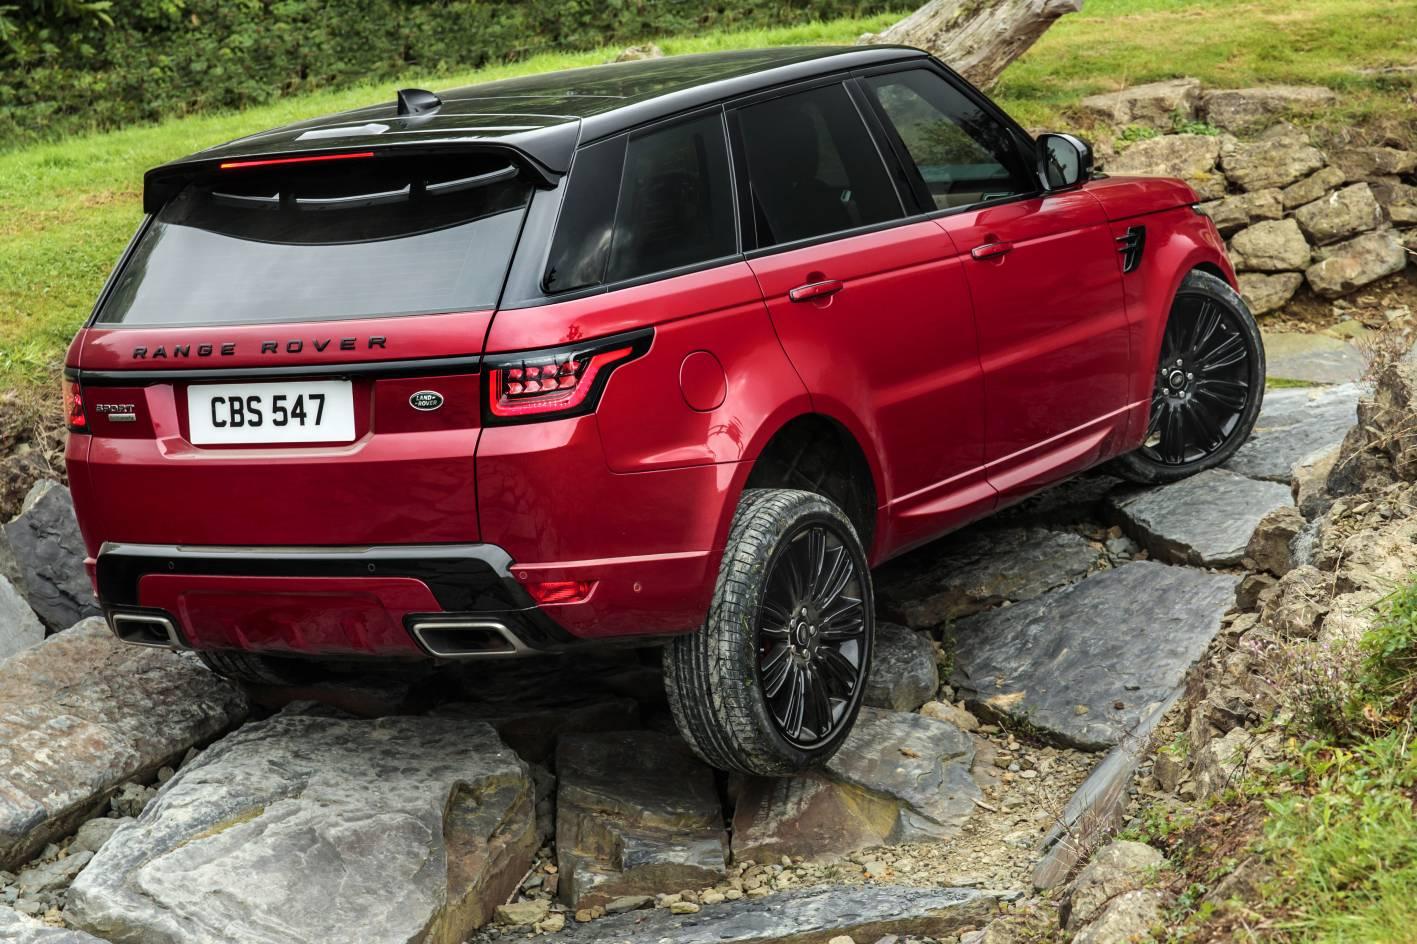 2018 Range Rover Velar ficial Land Rover Usa